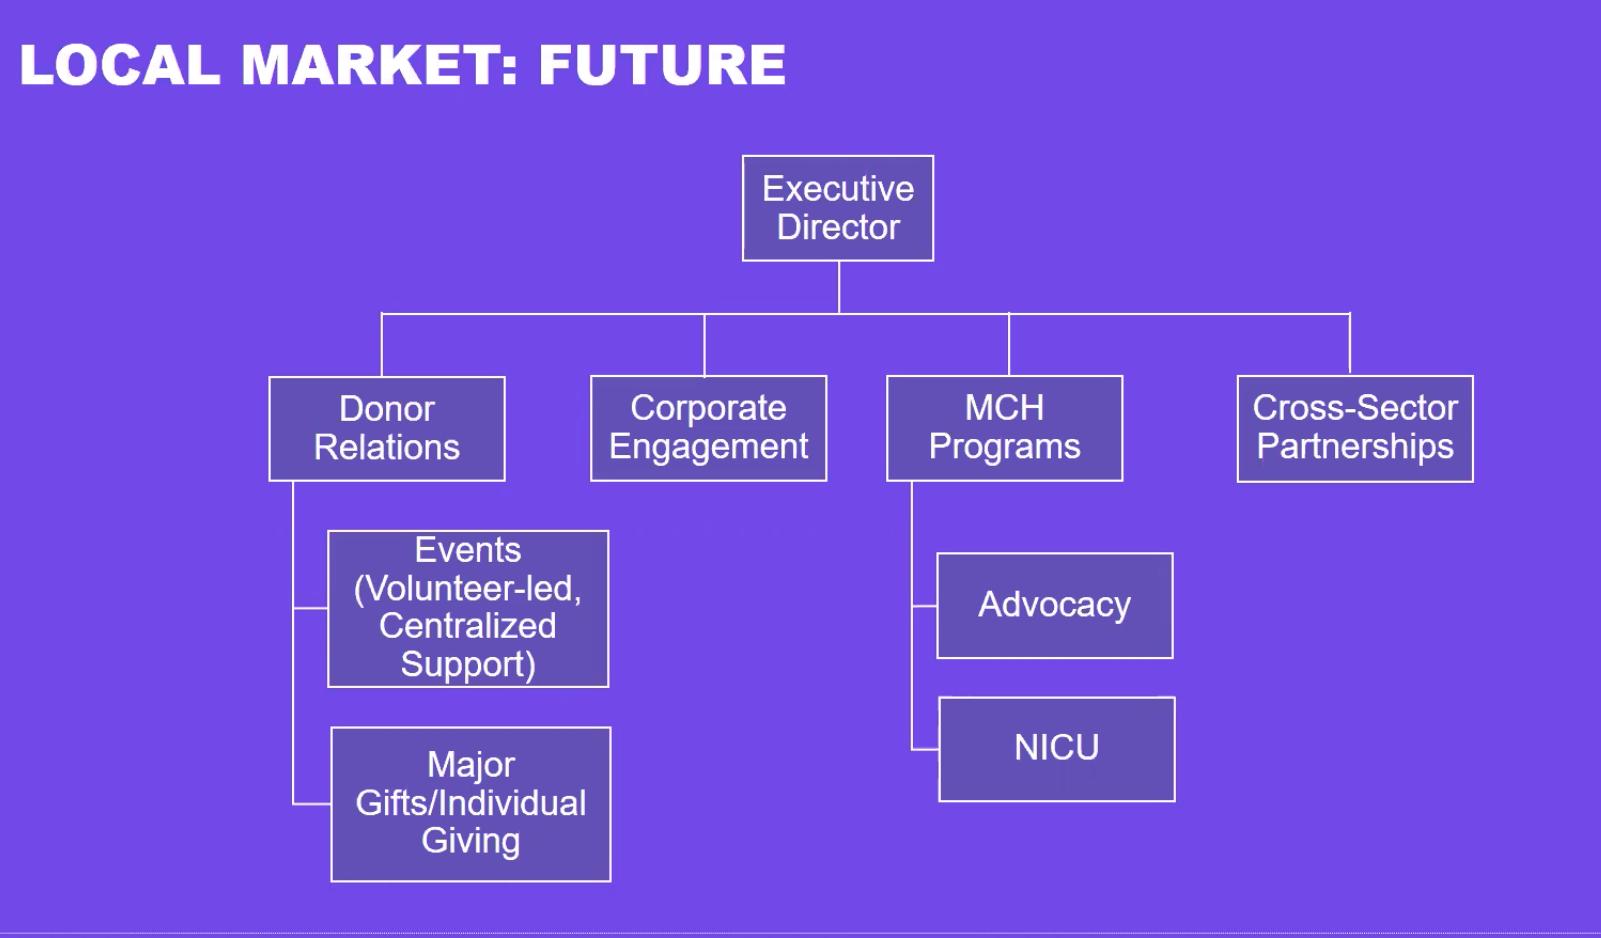 March of Dimes Local Market Future